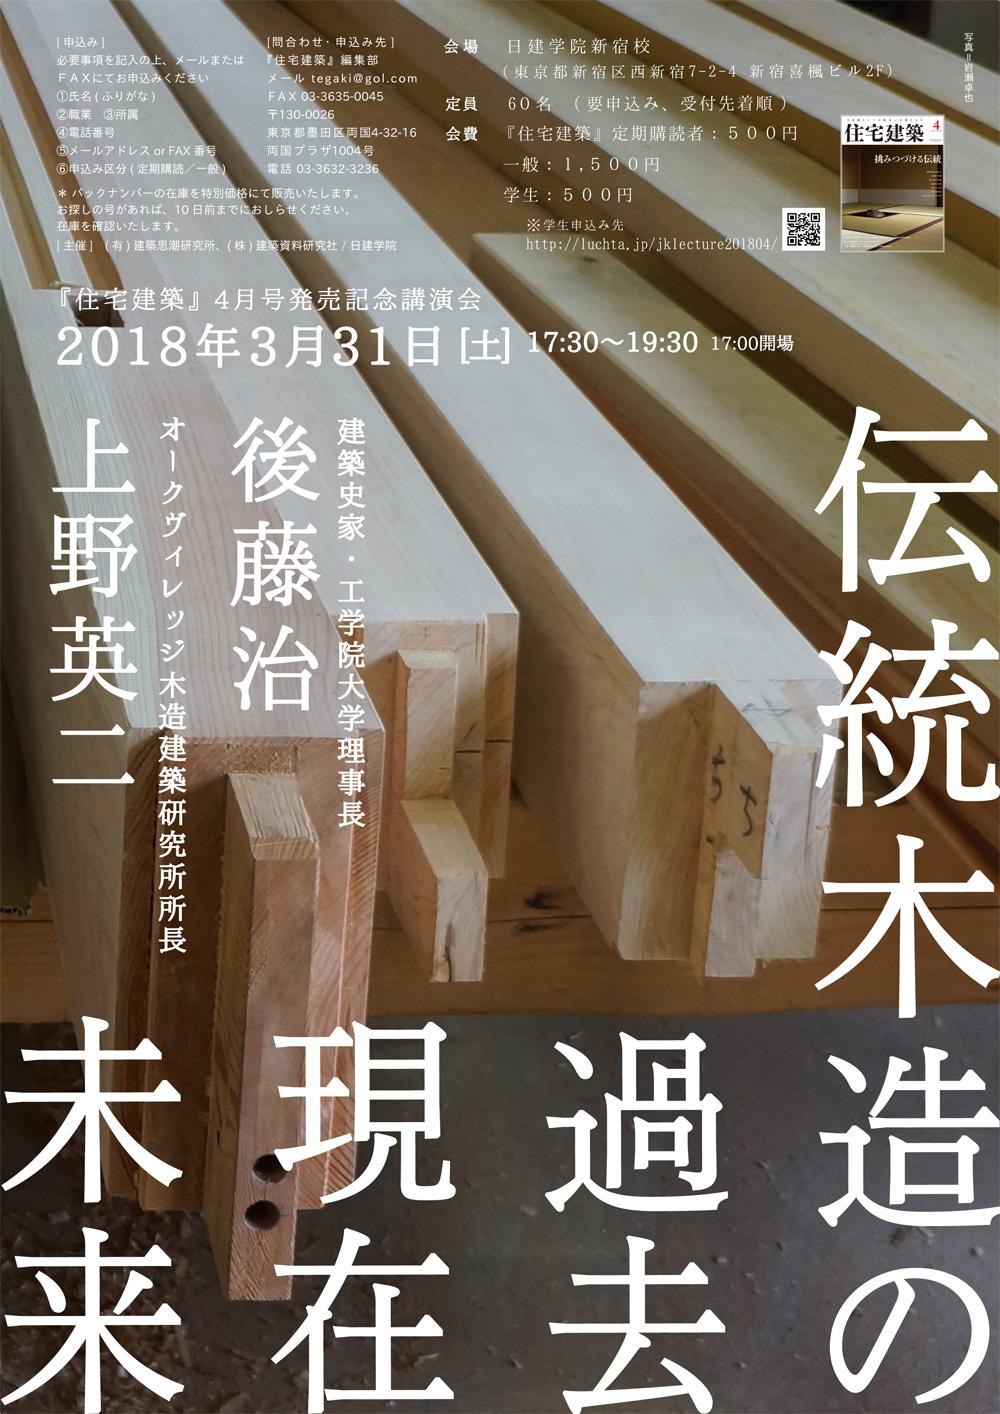 【3/31@西新宿】住宅建築講演会 後藤治・上野英二「伝統木造の過去、現在、未来」